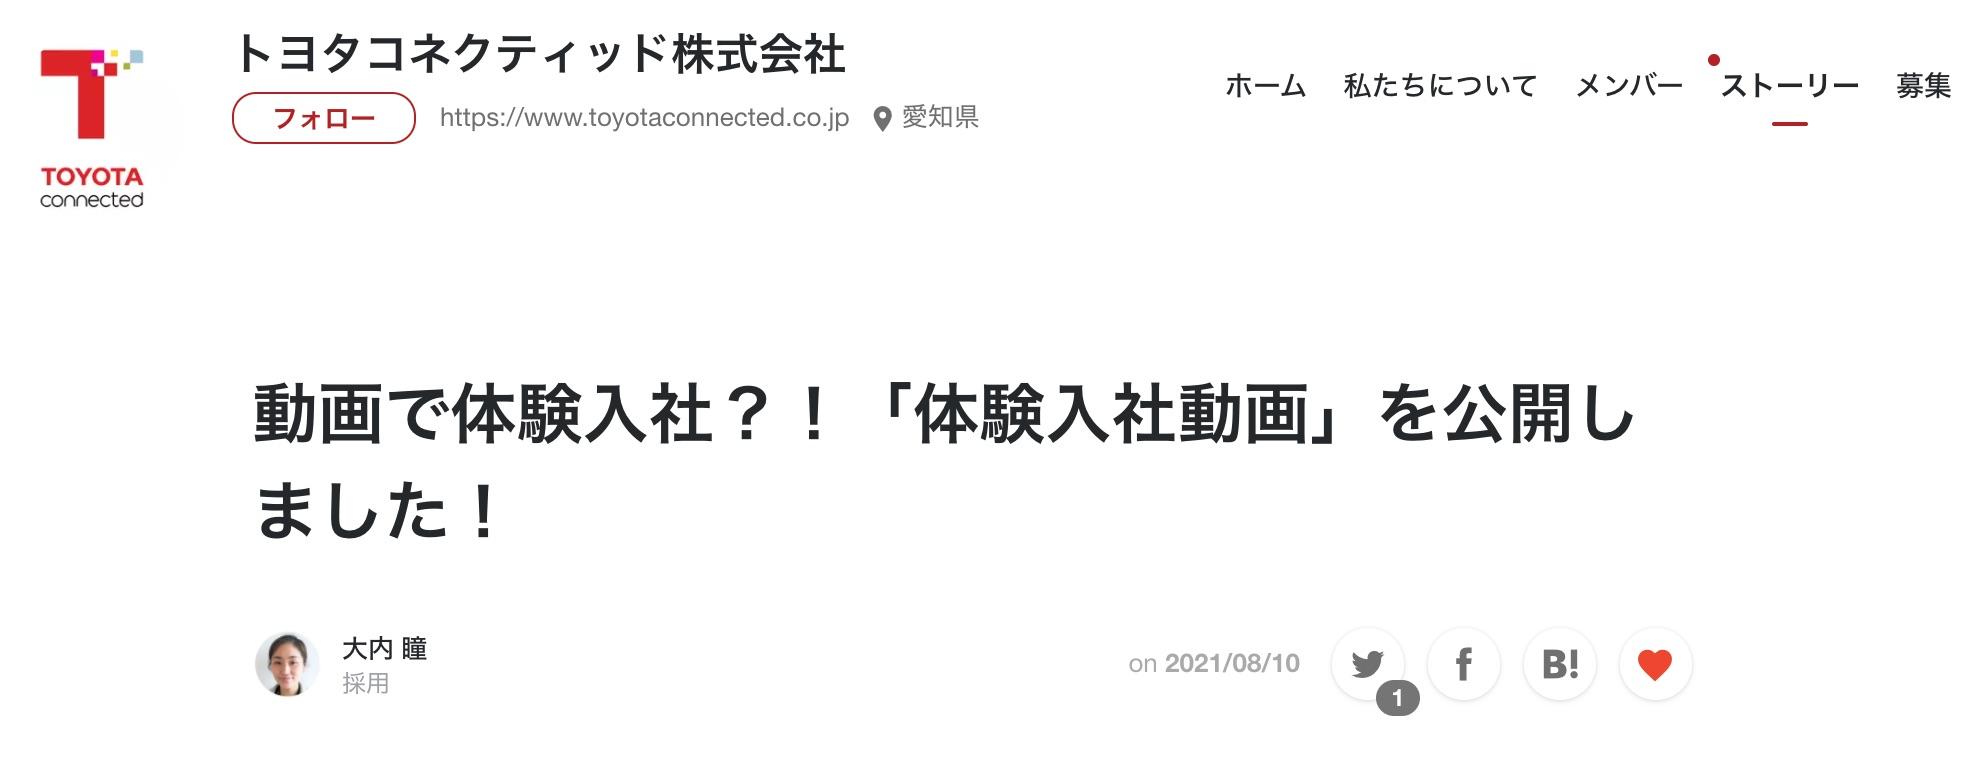 トヨタコネクティッド体験入社動画活用例①